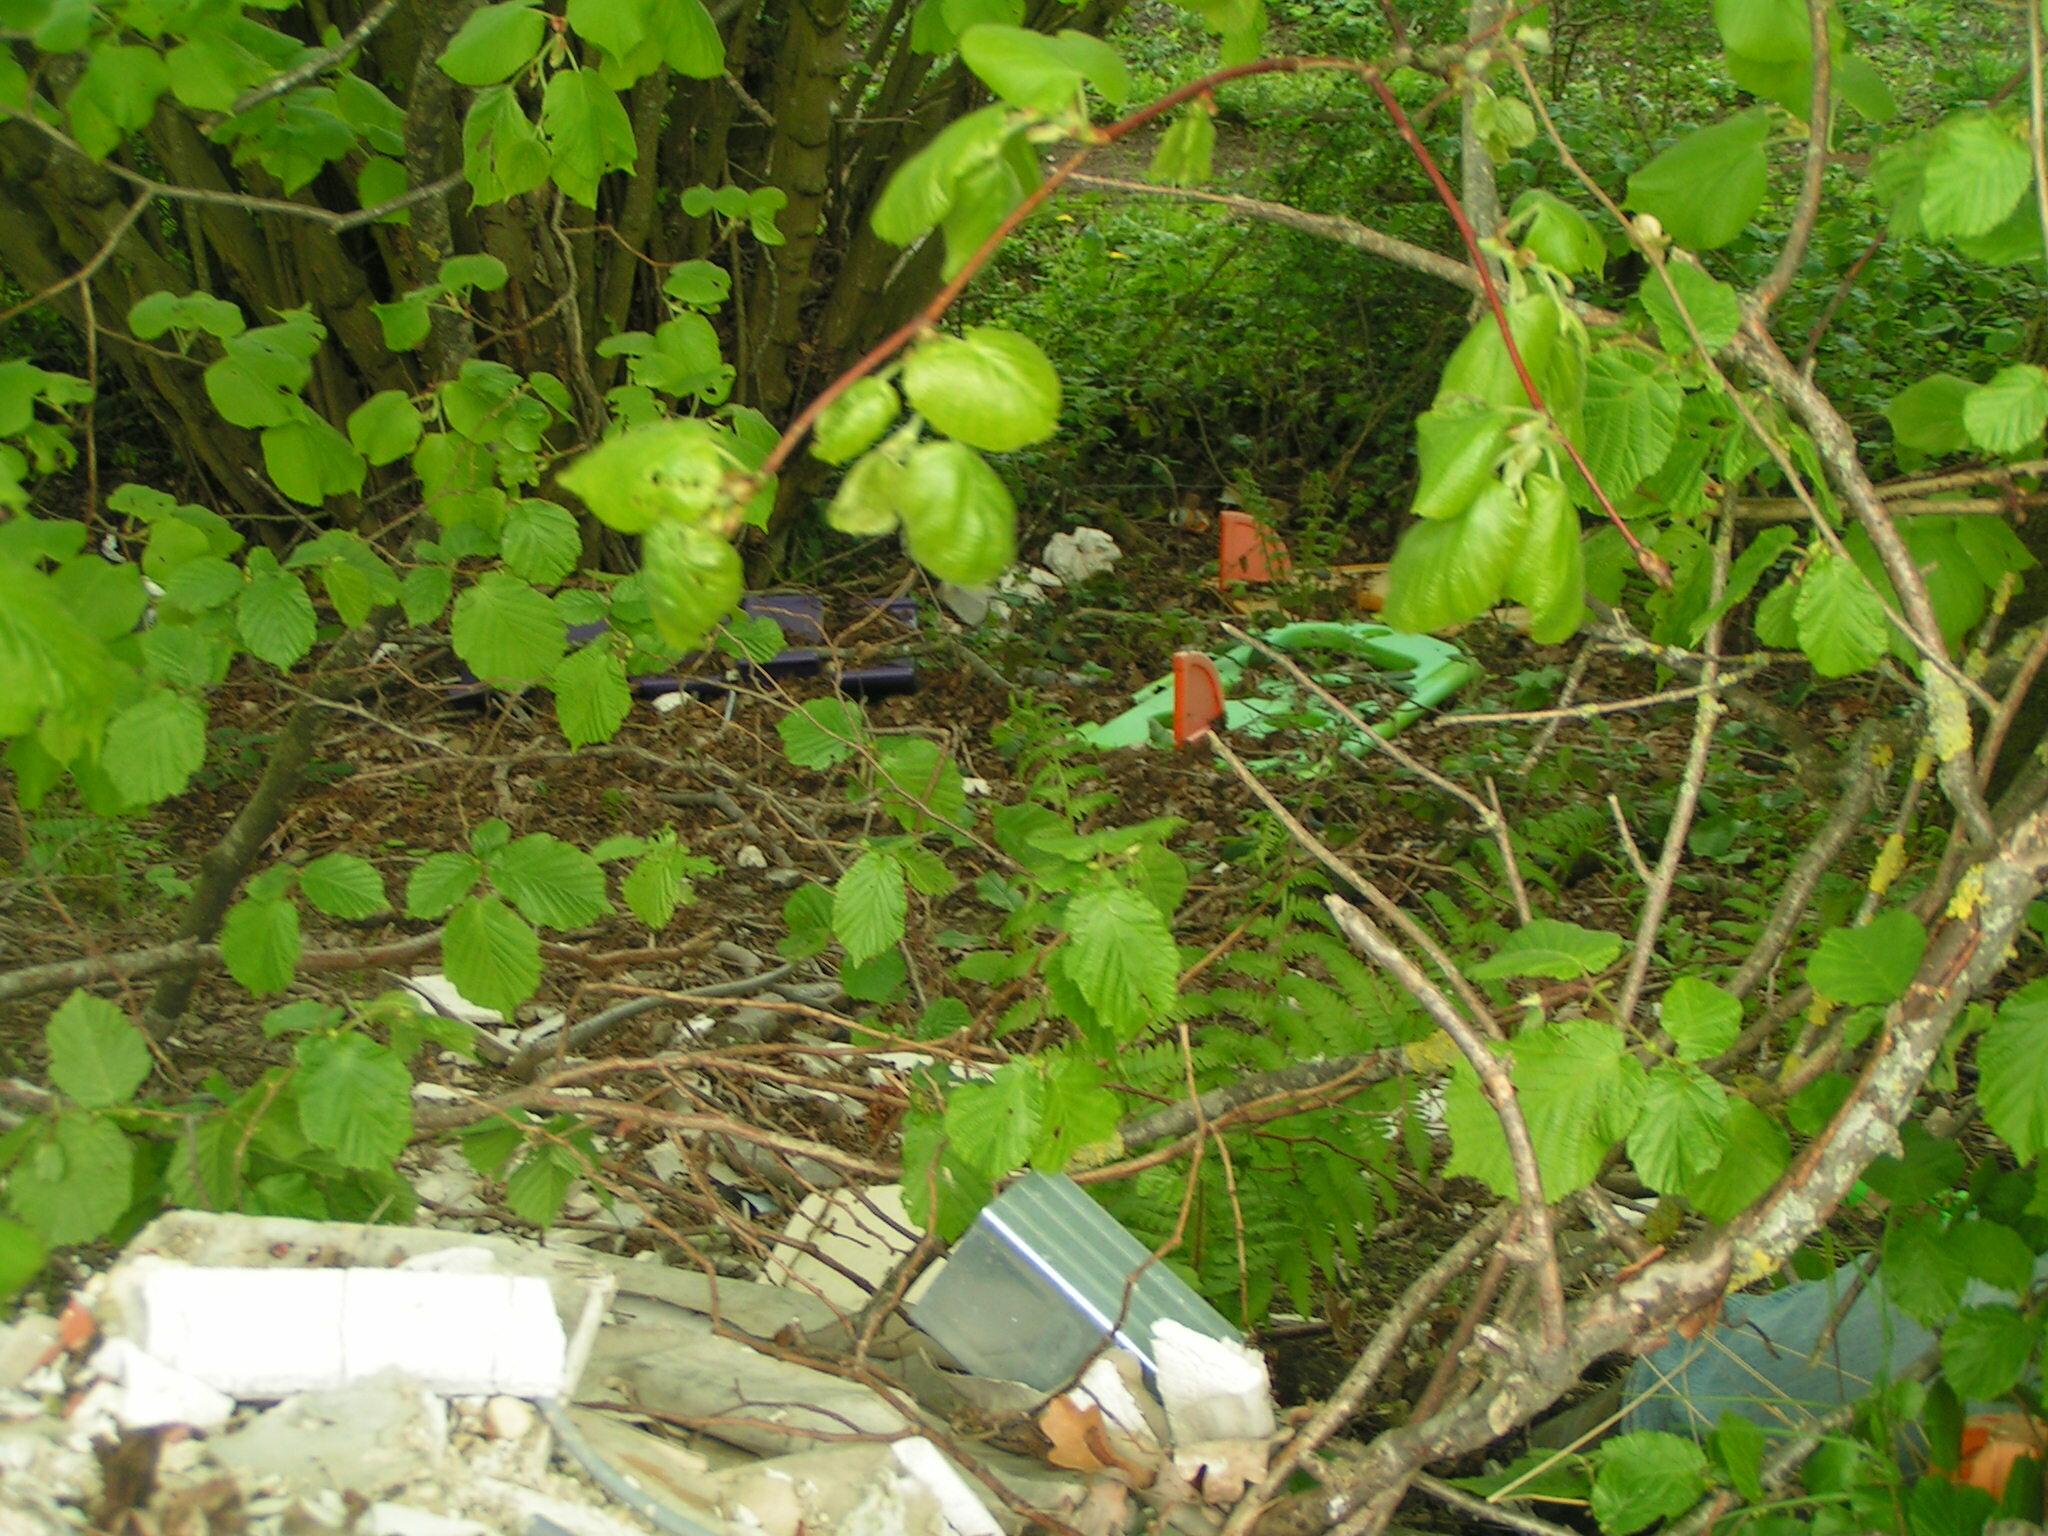 Exemple de déchets retrouvés